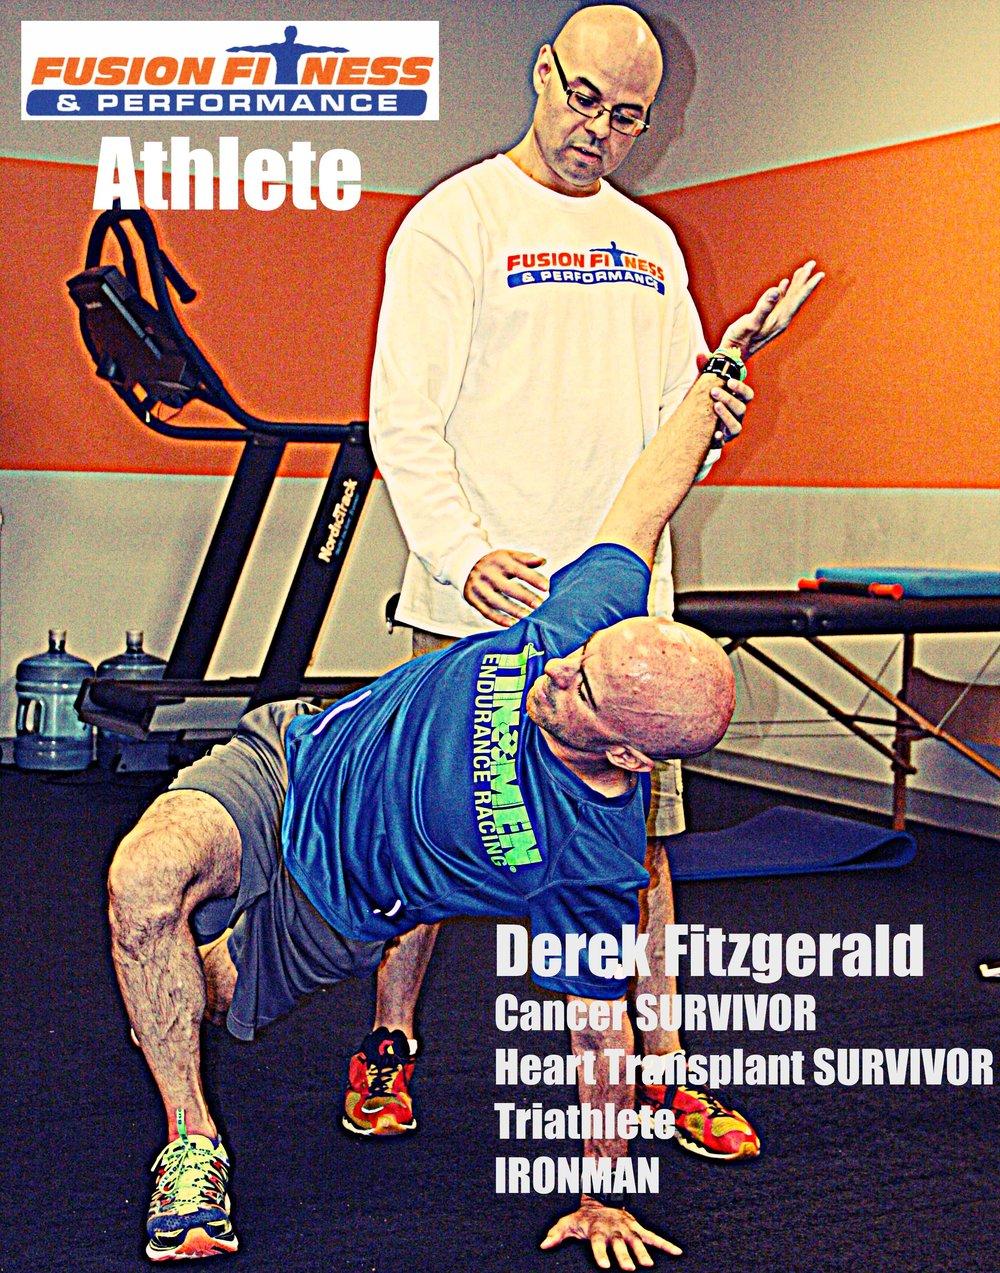 Derek Fitzgerald -